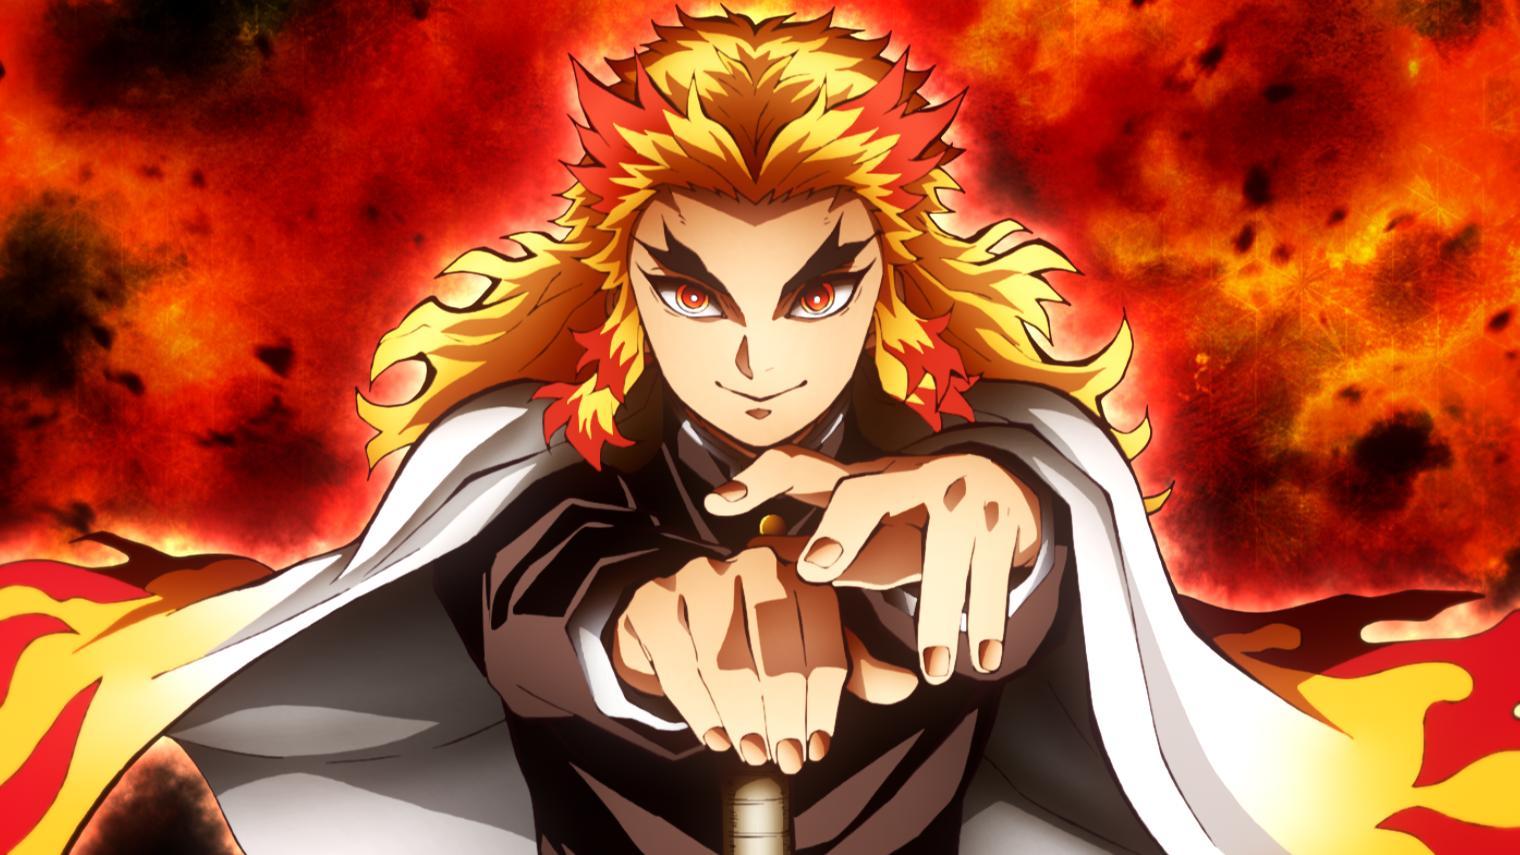 Demon Slayer: Kimetsu No Yaiba - Part 2